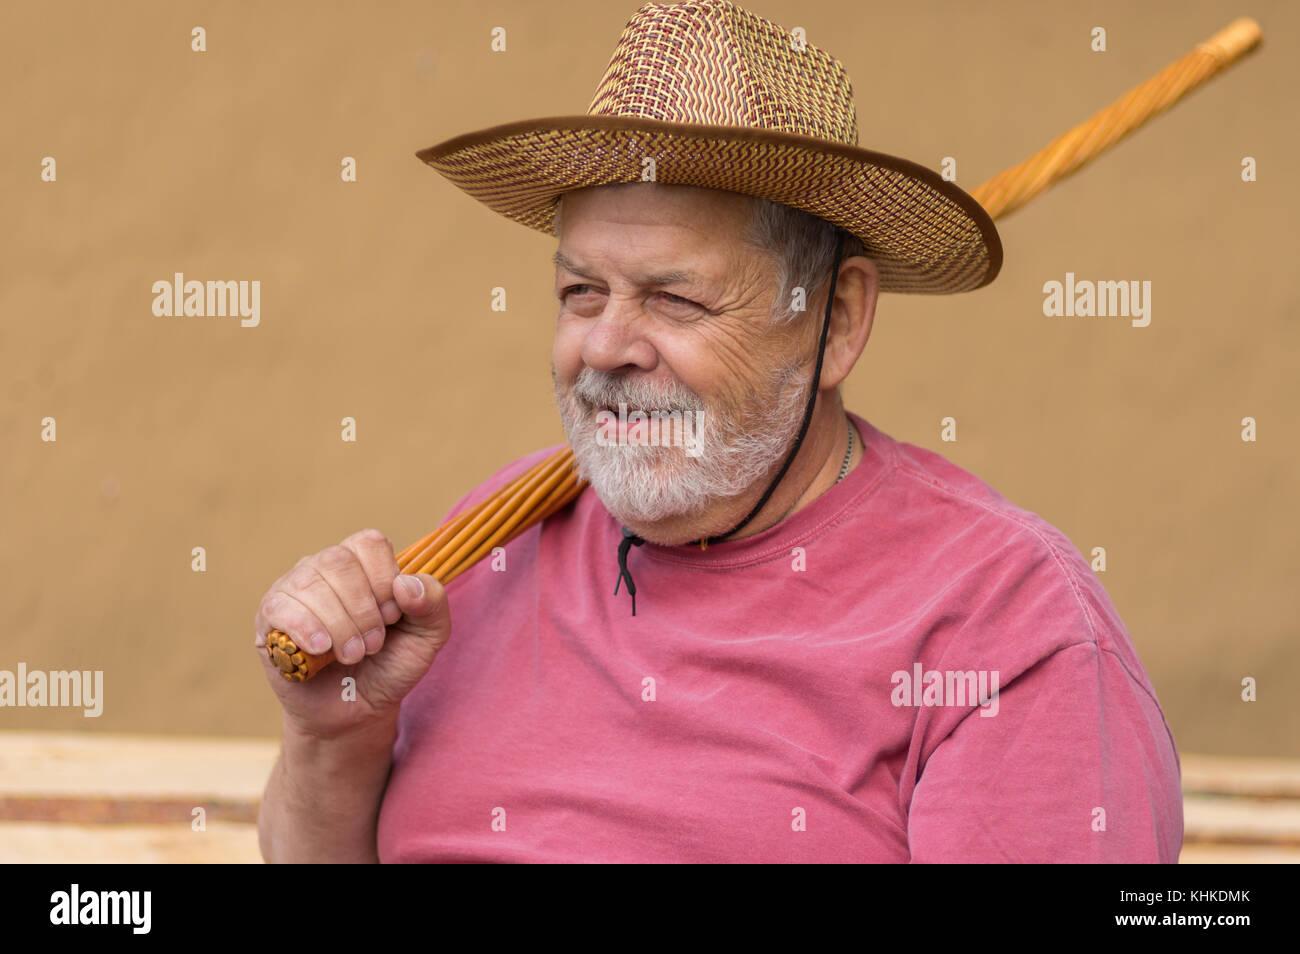 Bel ritratto del barbuto senior uomo nel cappello di paglia seduto contro  la parete di argilla e azienda vimini bastone su una spalla ce27f0eb2a59